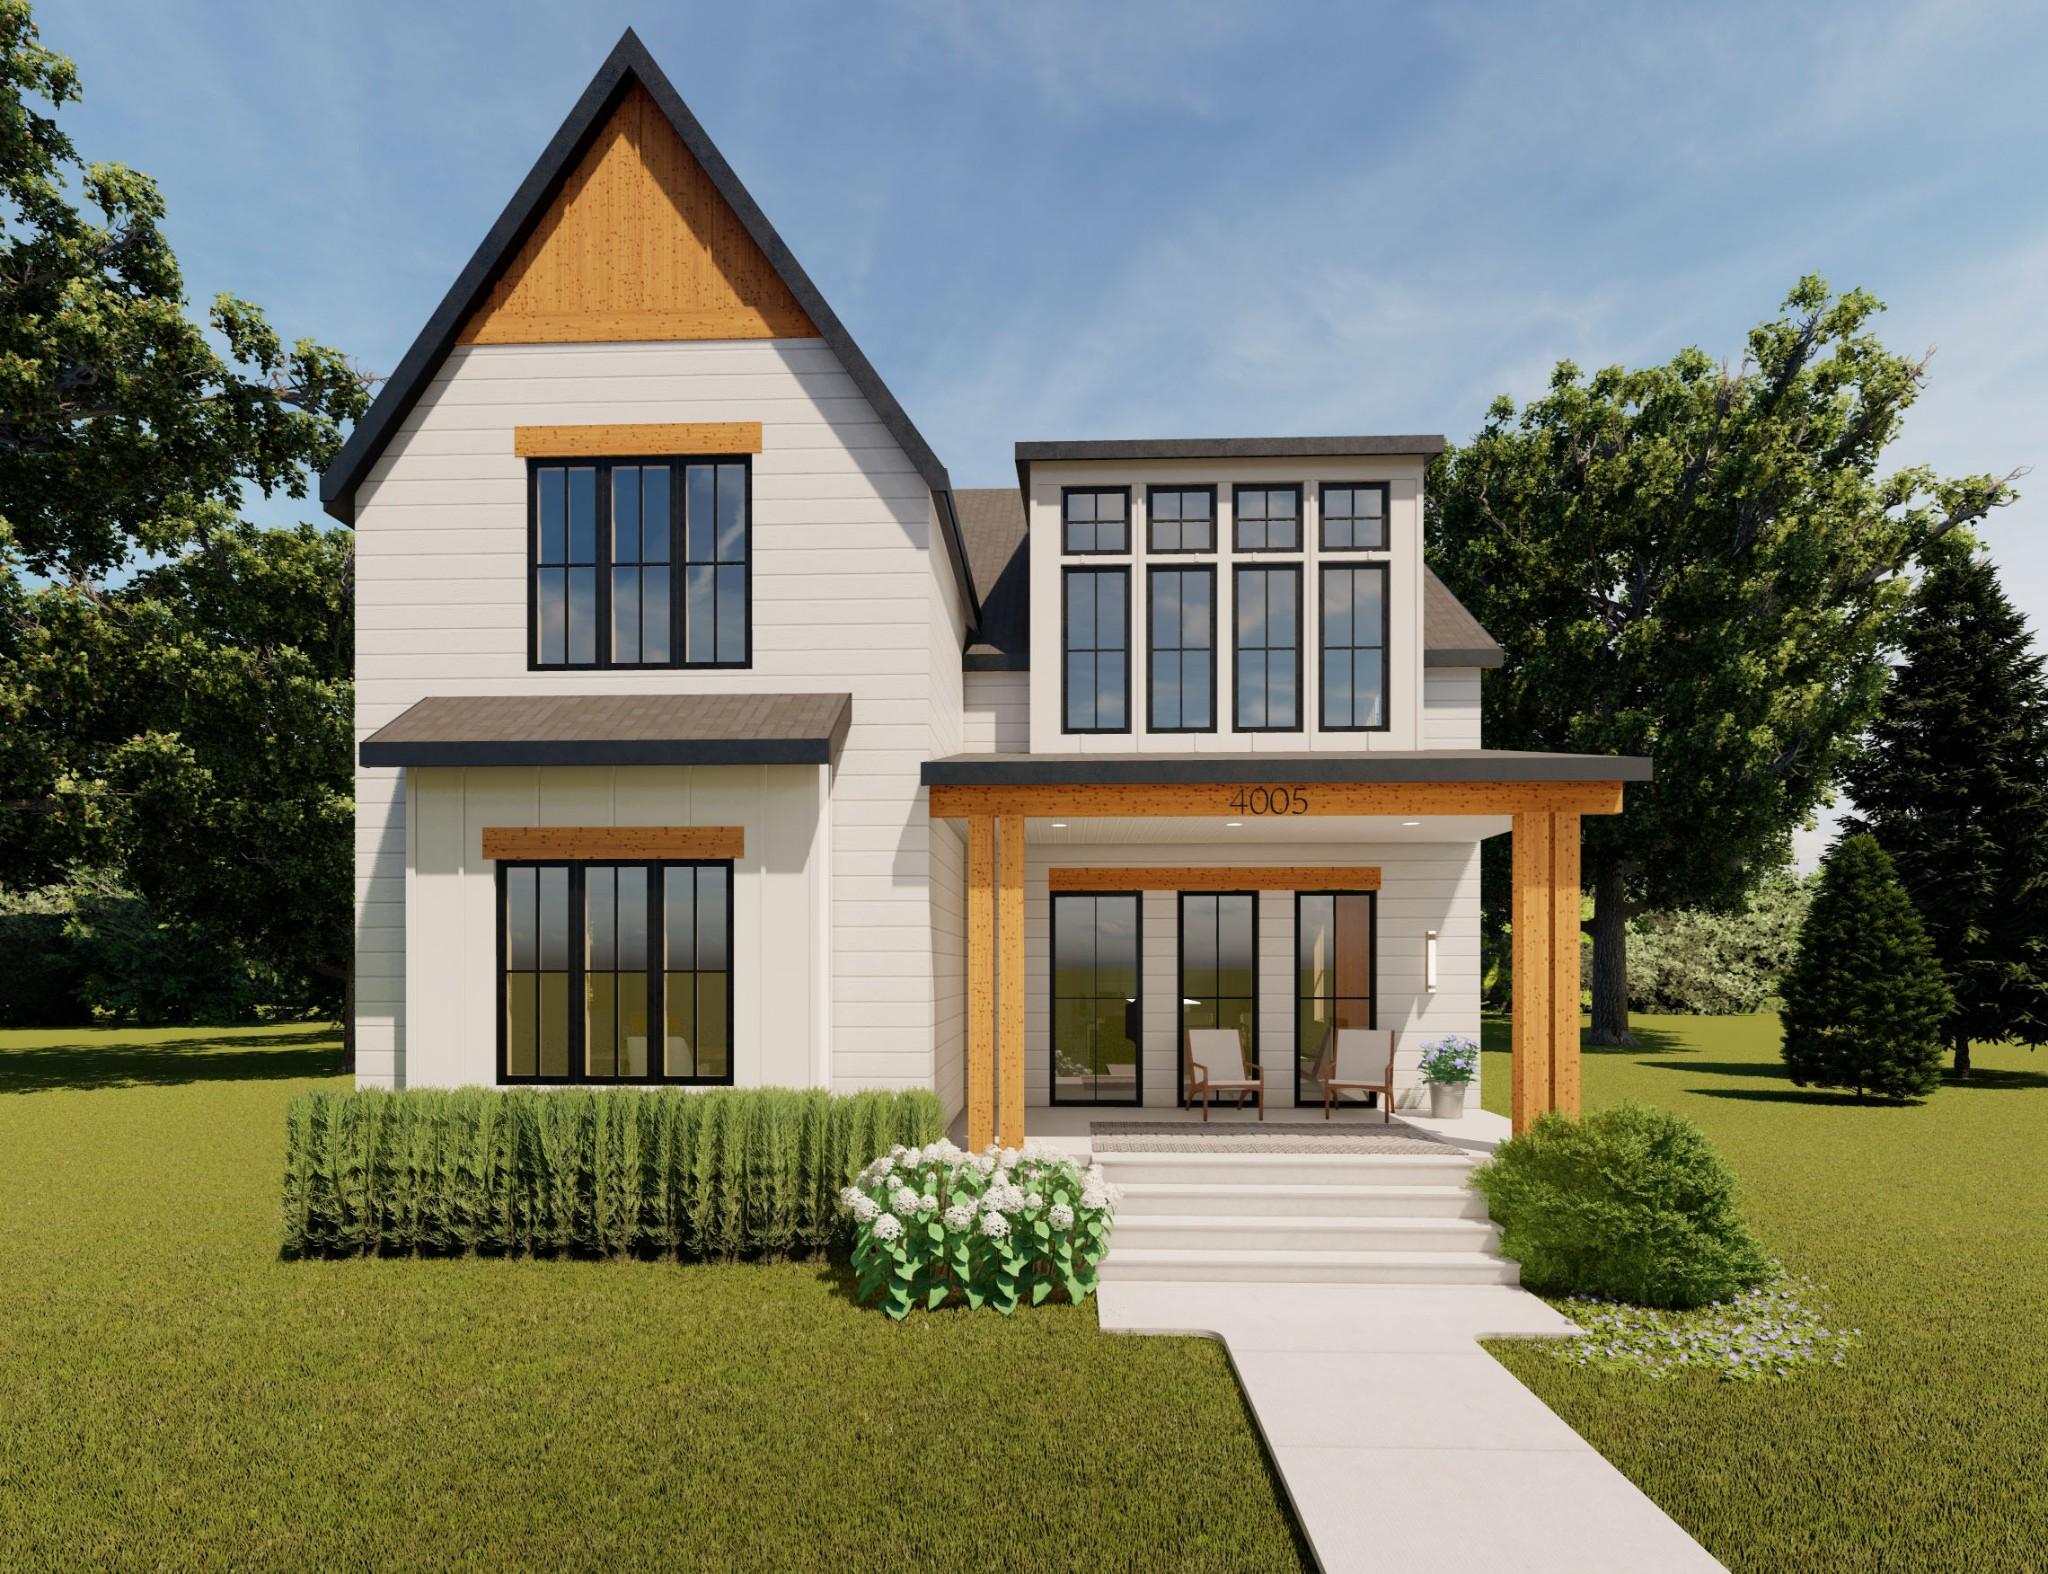 4003 Utah Ave Property Photo